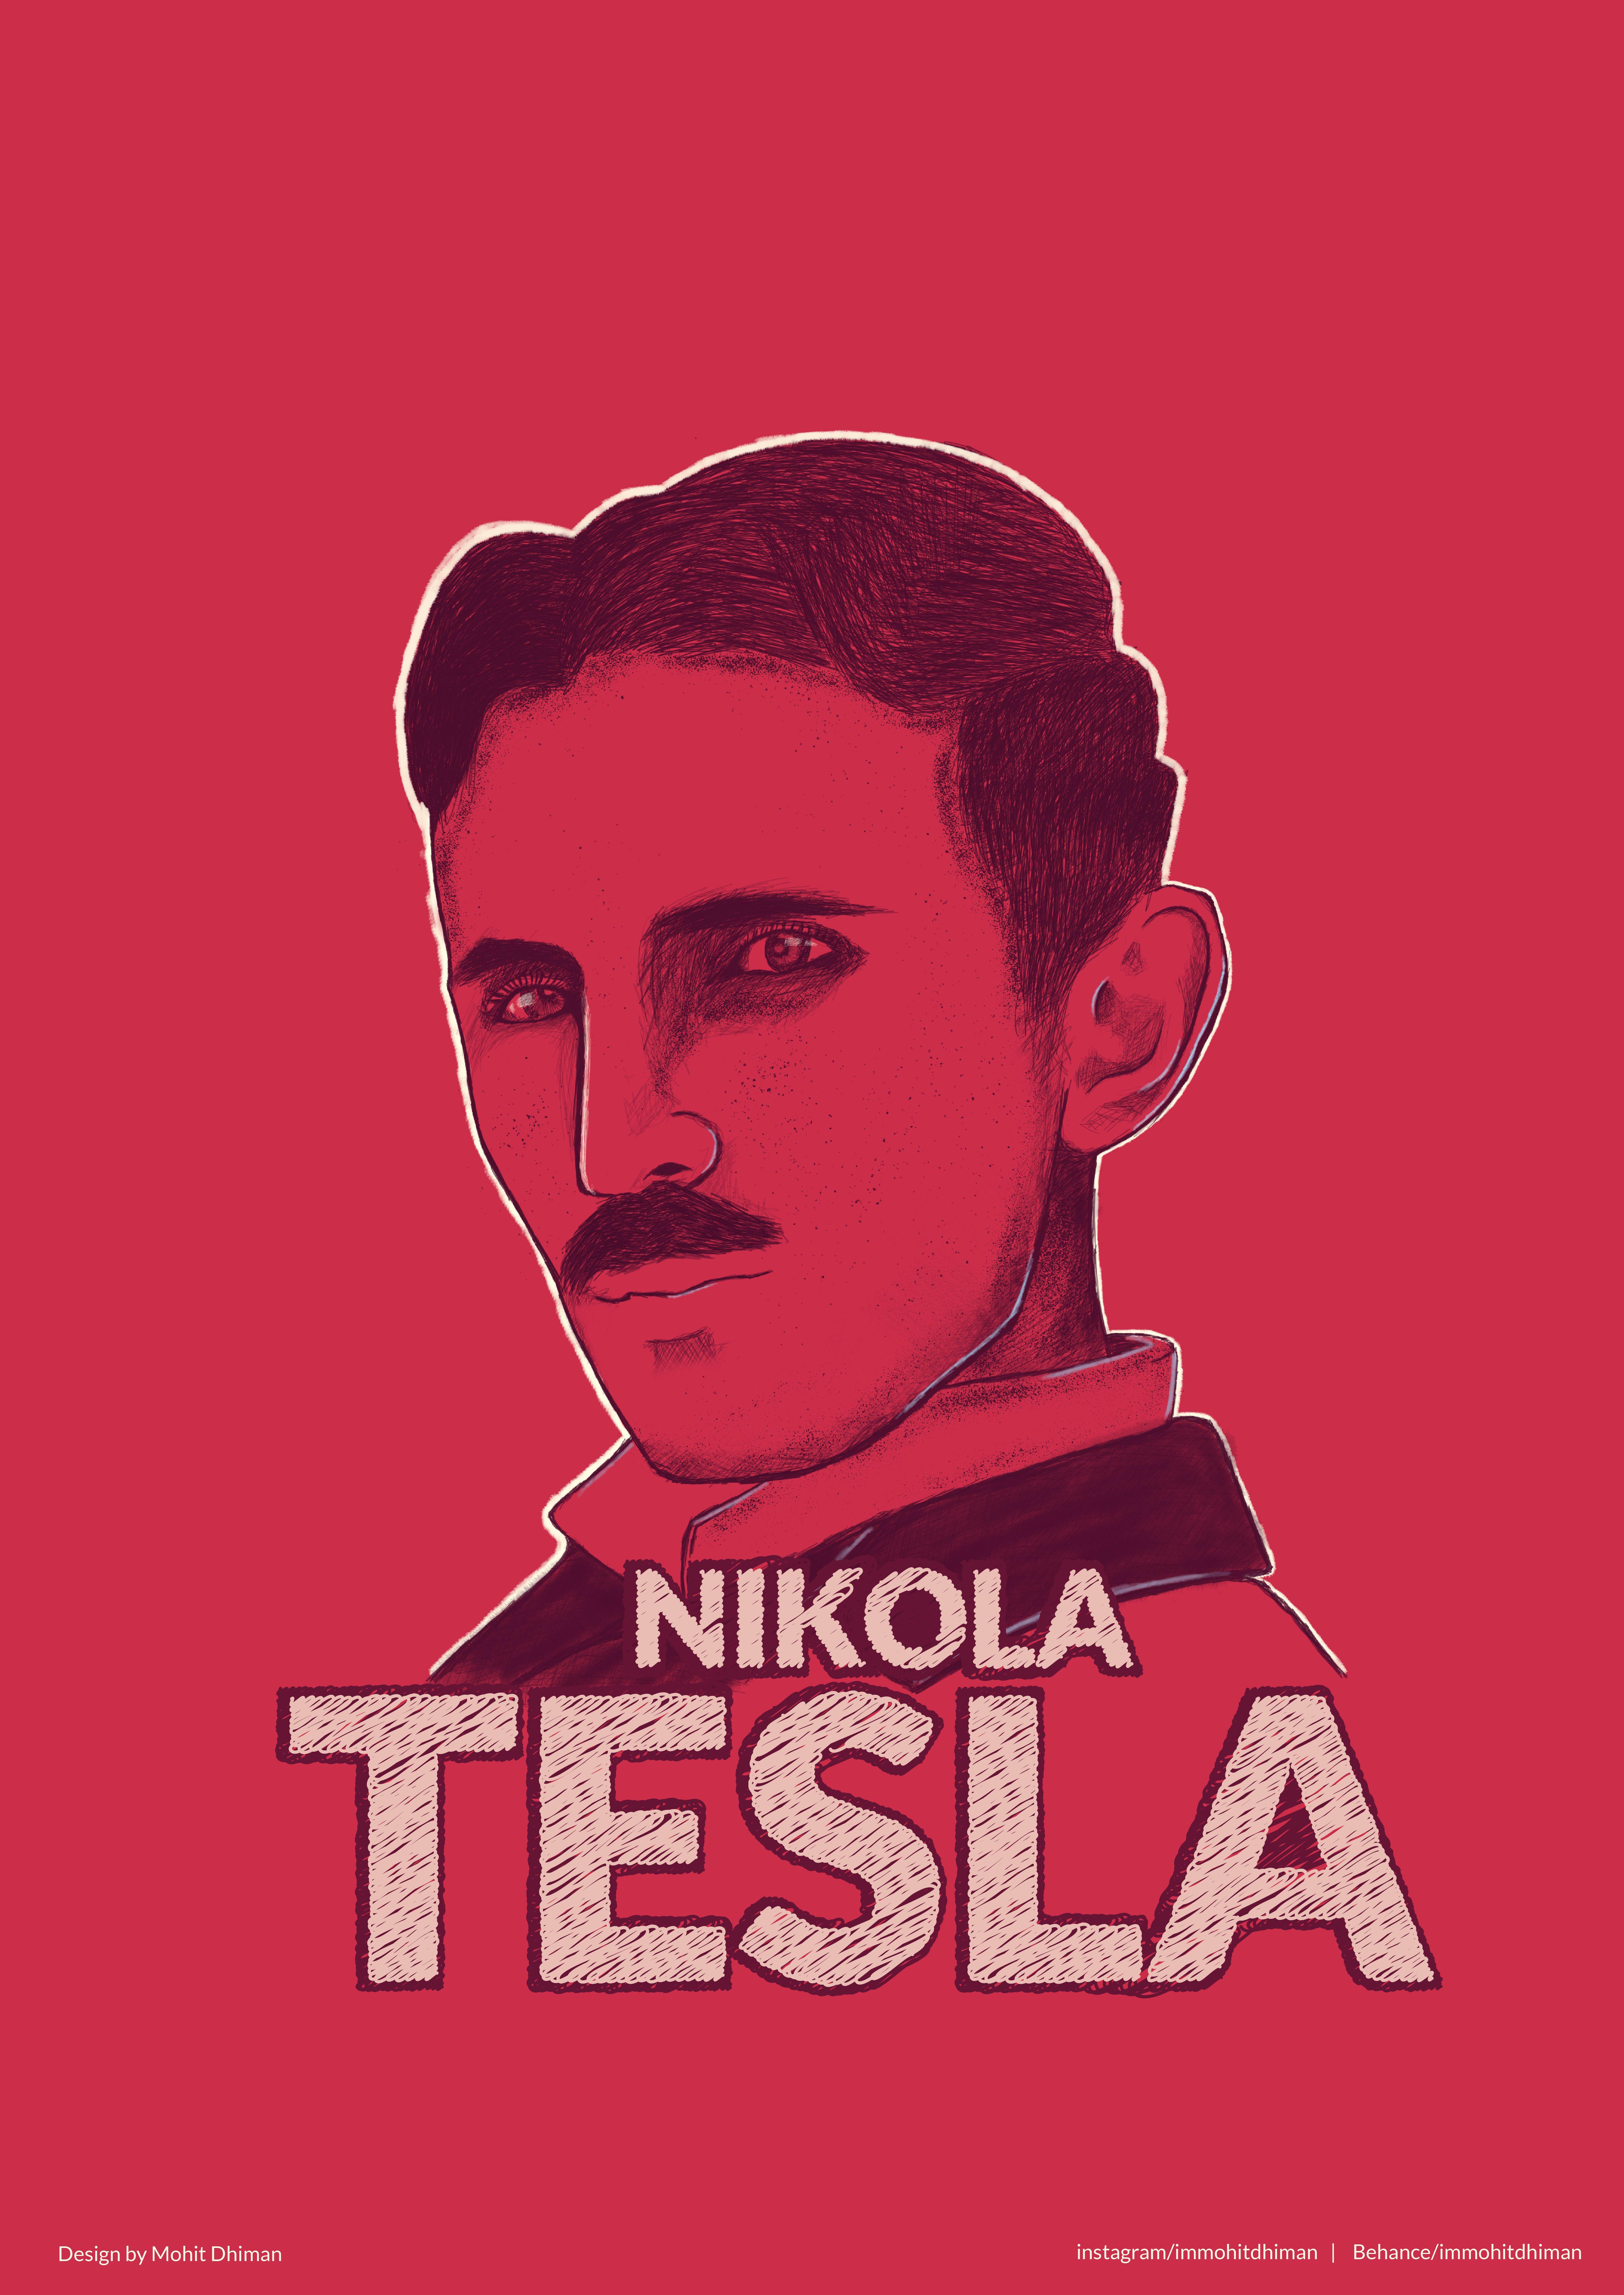 Nikola Tesla Poster in 2020 Nikola tesla, Poster, Tesla